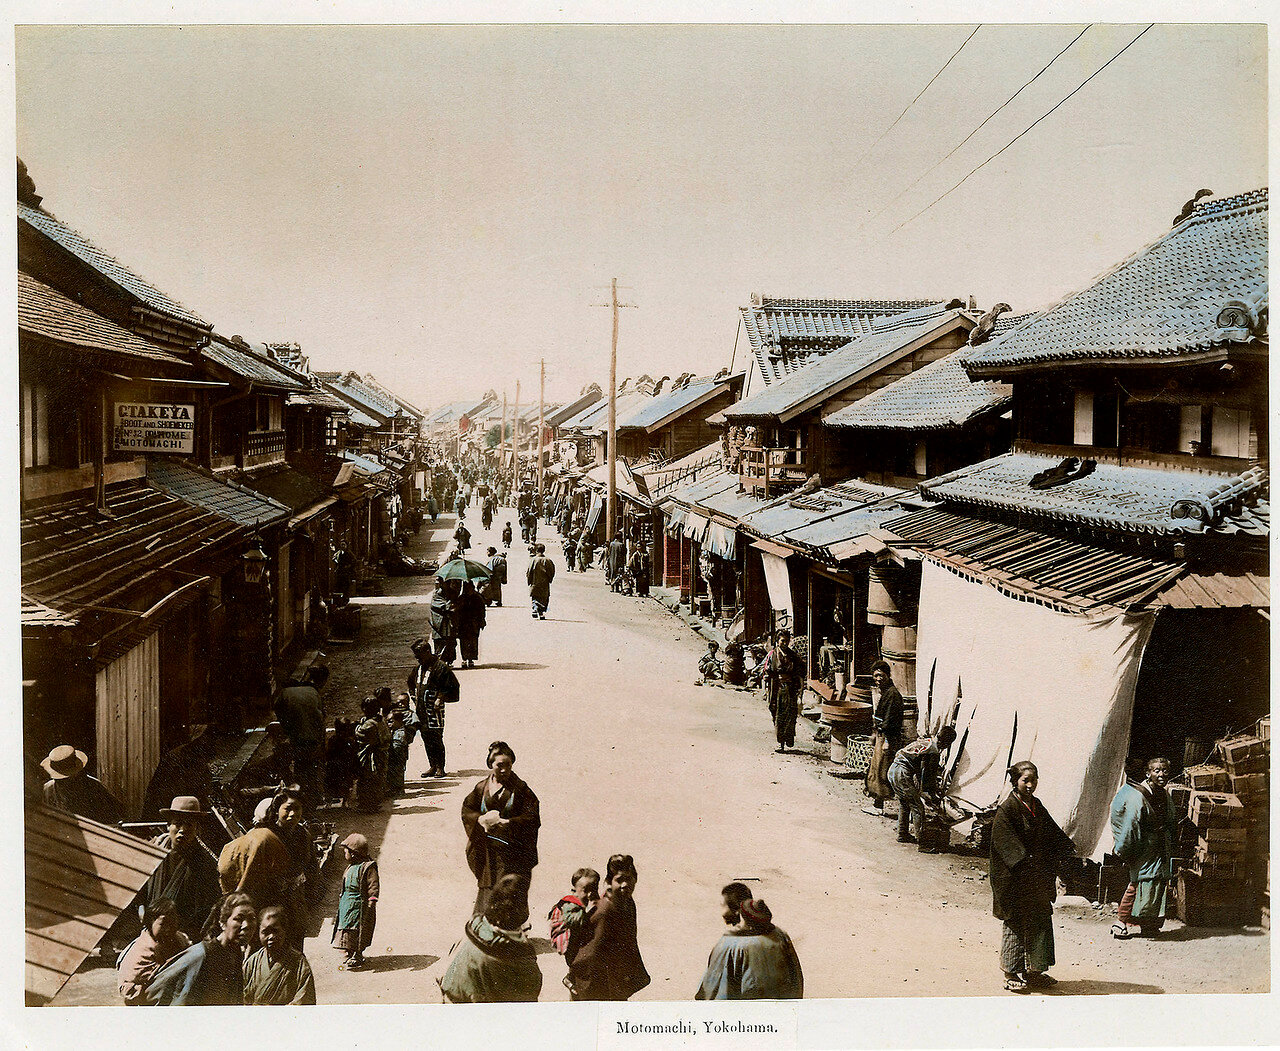 Иокогама. Район Мотомати, 1890